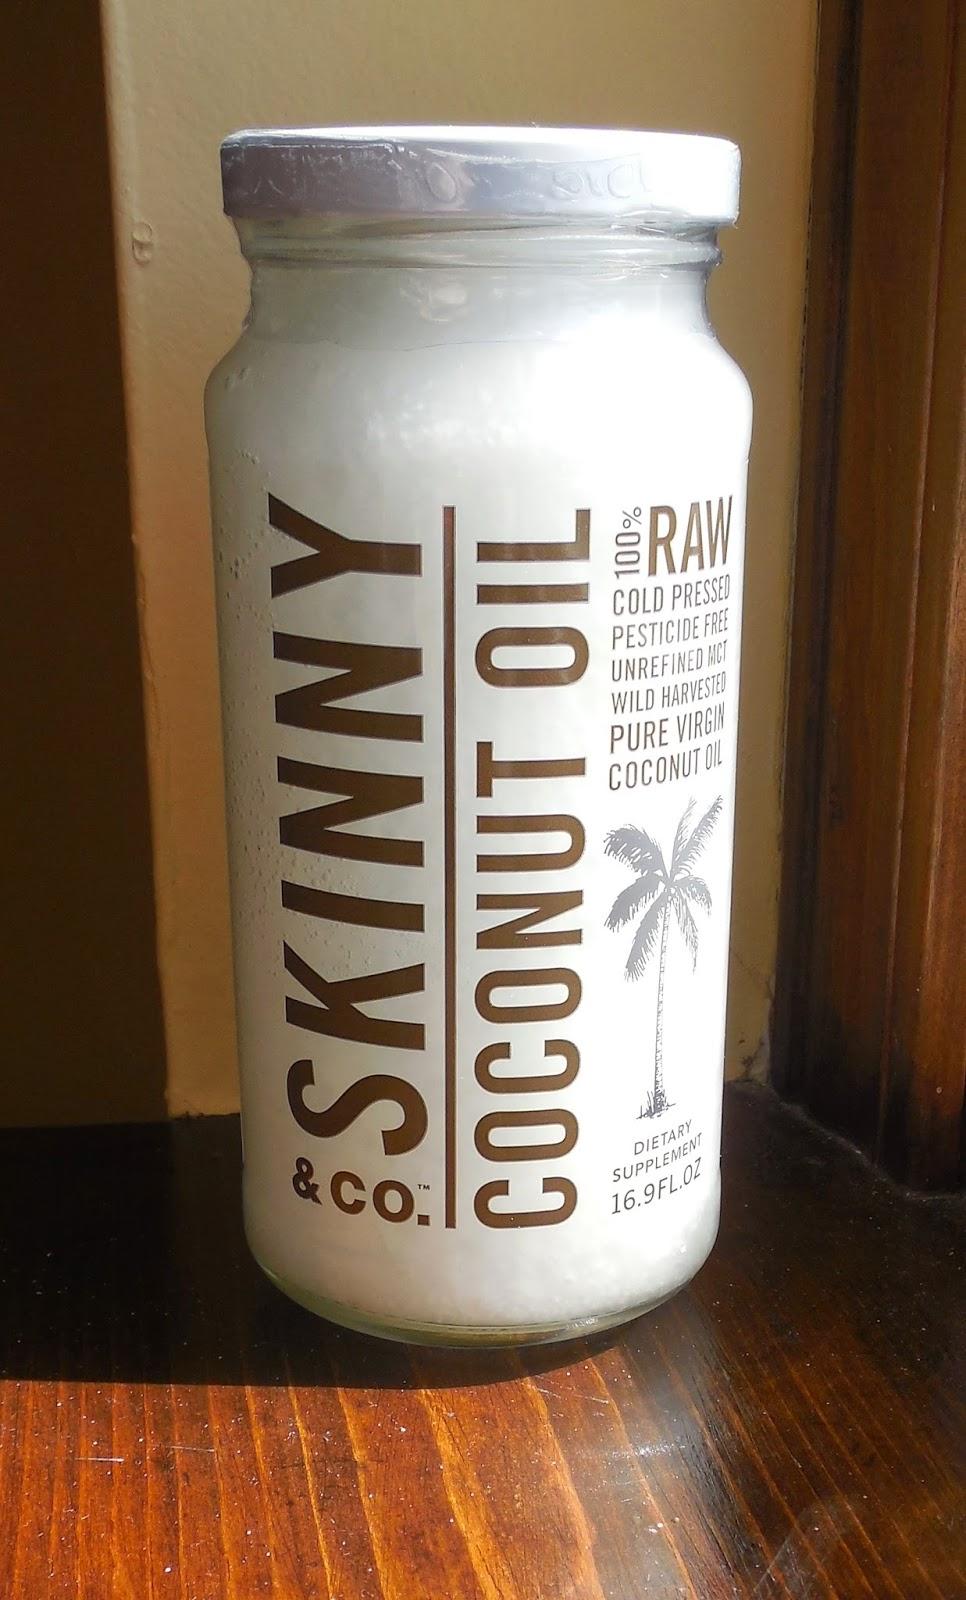 Skinny & Co Coconut Oil